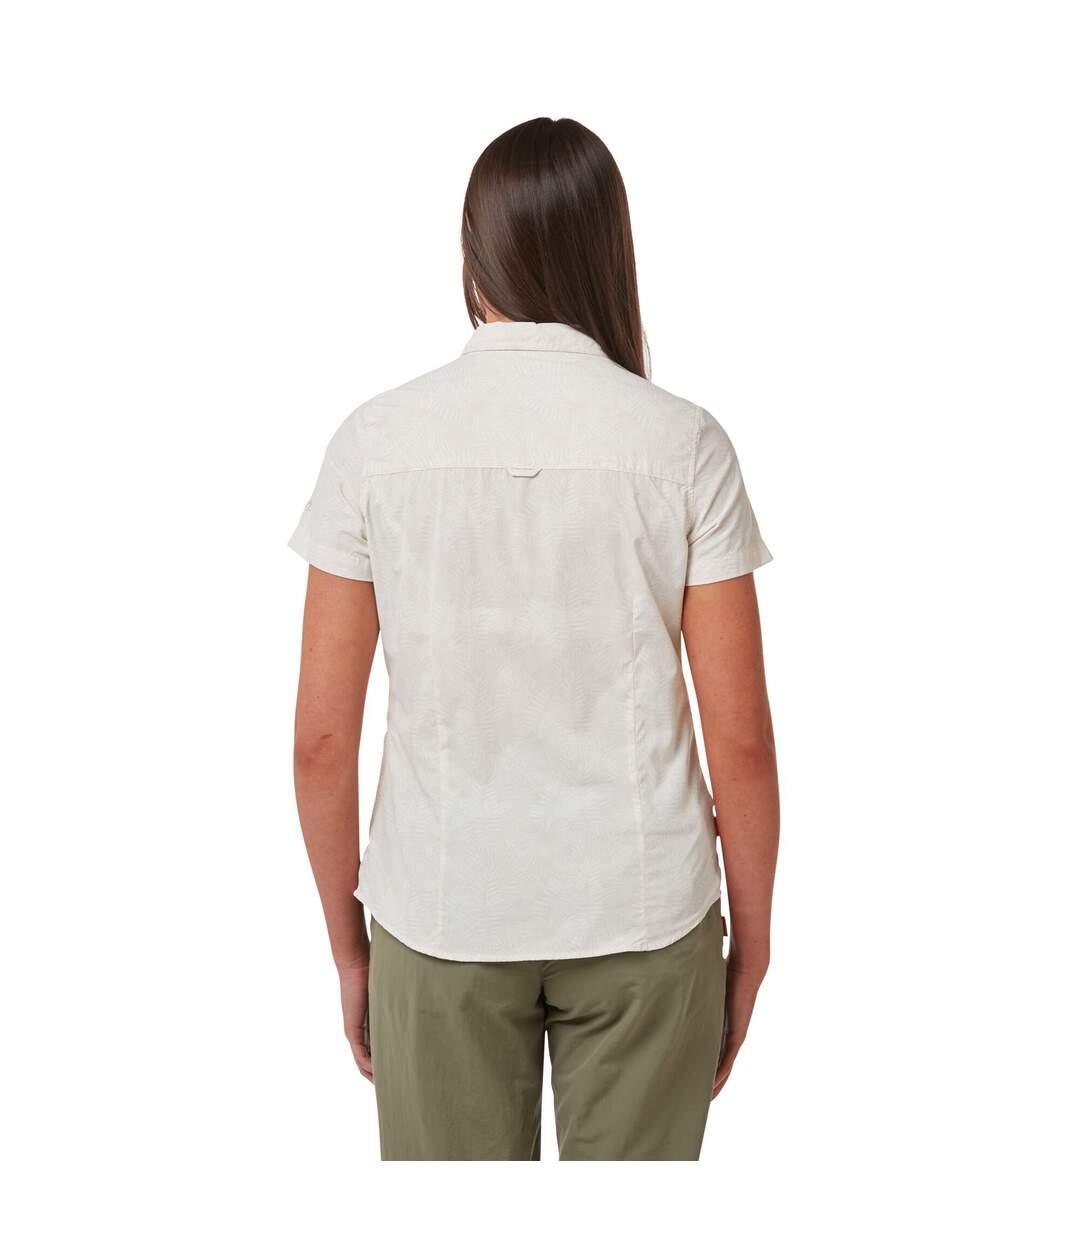 Craghoppers - Chemise Manches Courtes Vanna - Femme (Blanc cassé) - UTCG1307